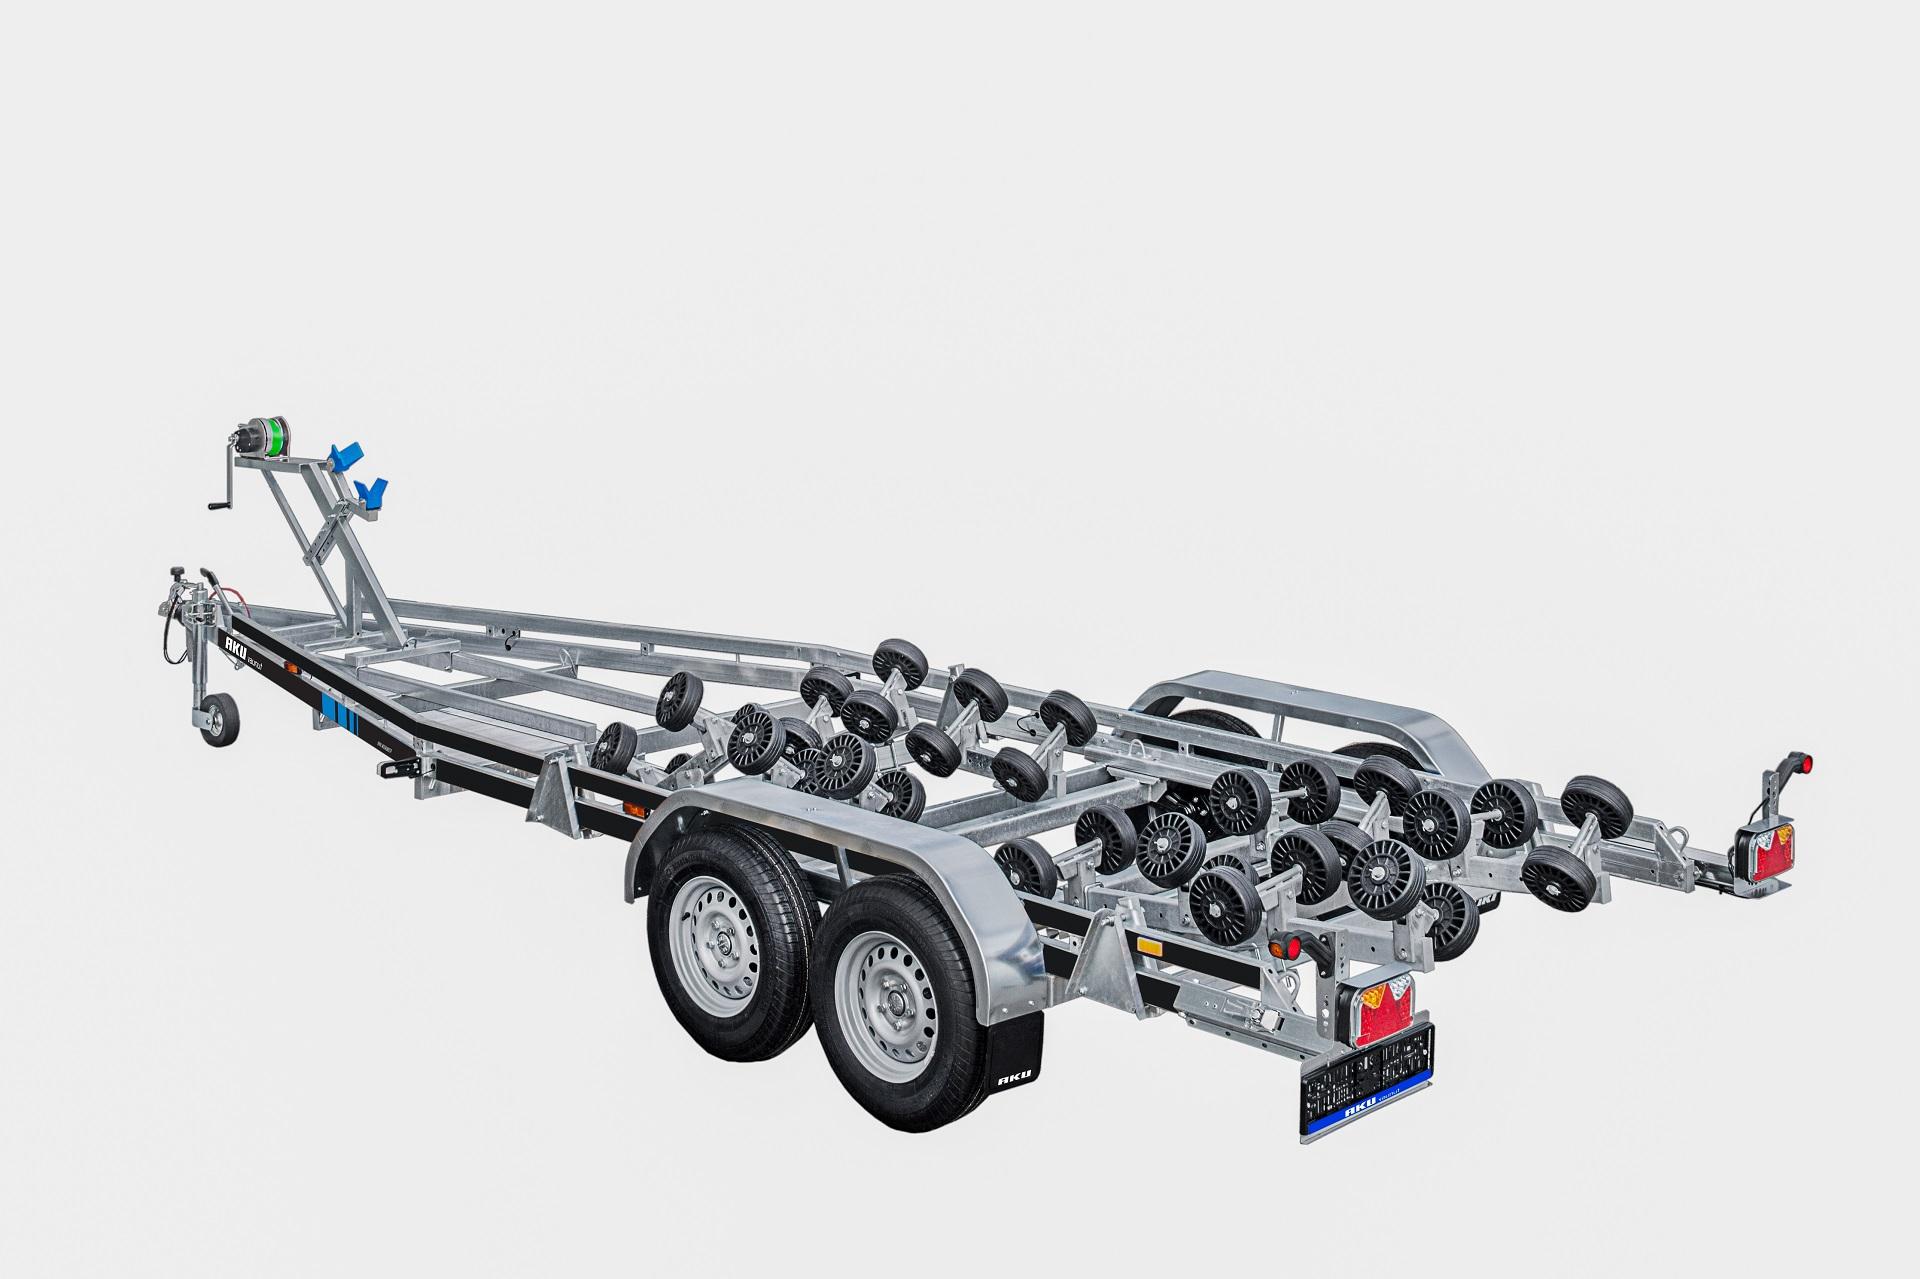 BP2600-DRB Multiroller  EC0571AK [Kuvat ovat havainnollistavia ja kuvien vaunut saattavat sisältää lisävarusteita]